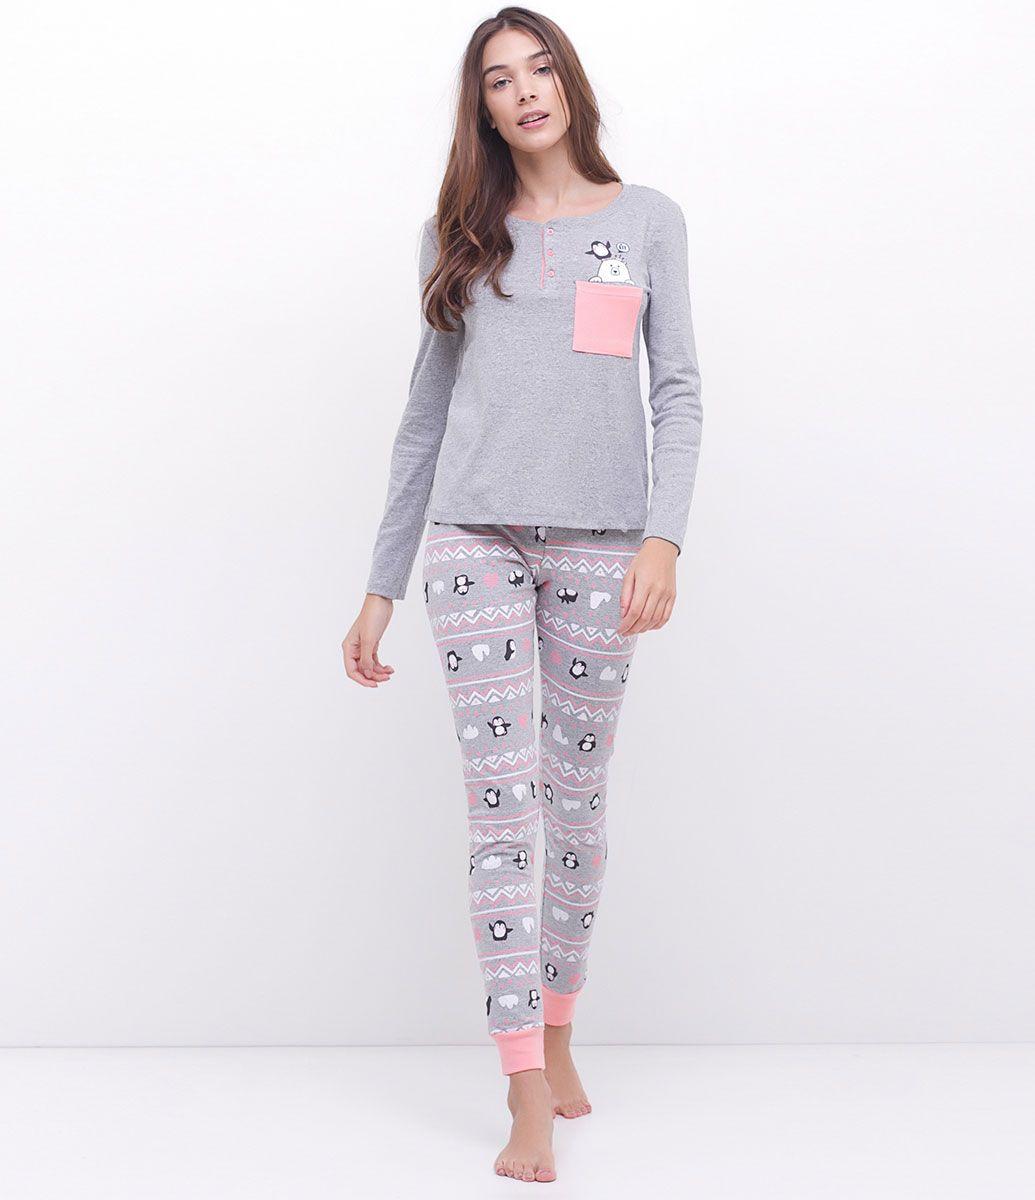 e19980ce8 Pijama feminino Manga longa Blusa estampa e bolsinho Peitilho com 3 botões  Calça estampada pinguim Com